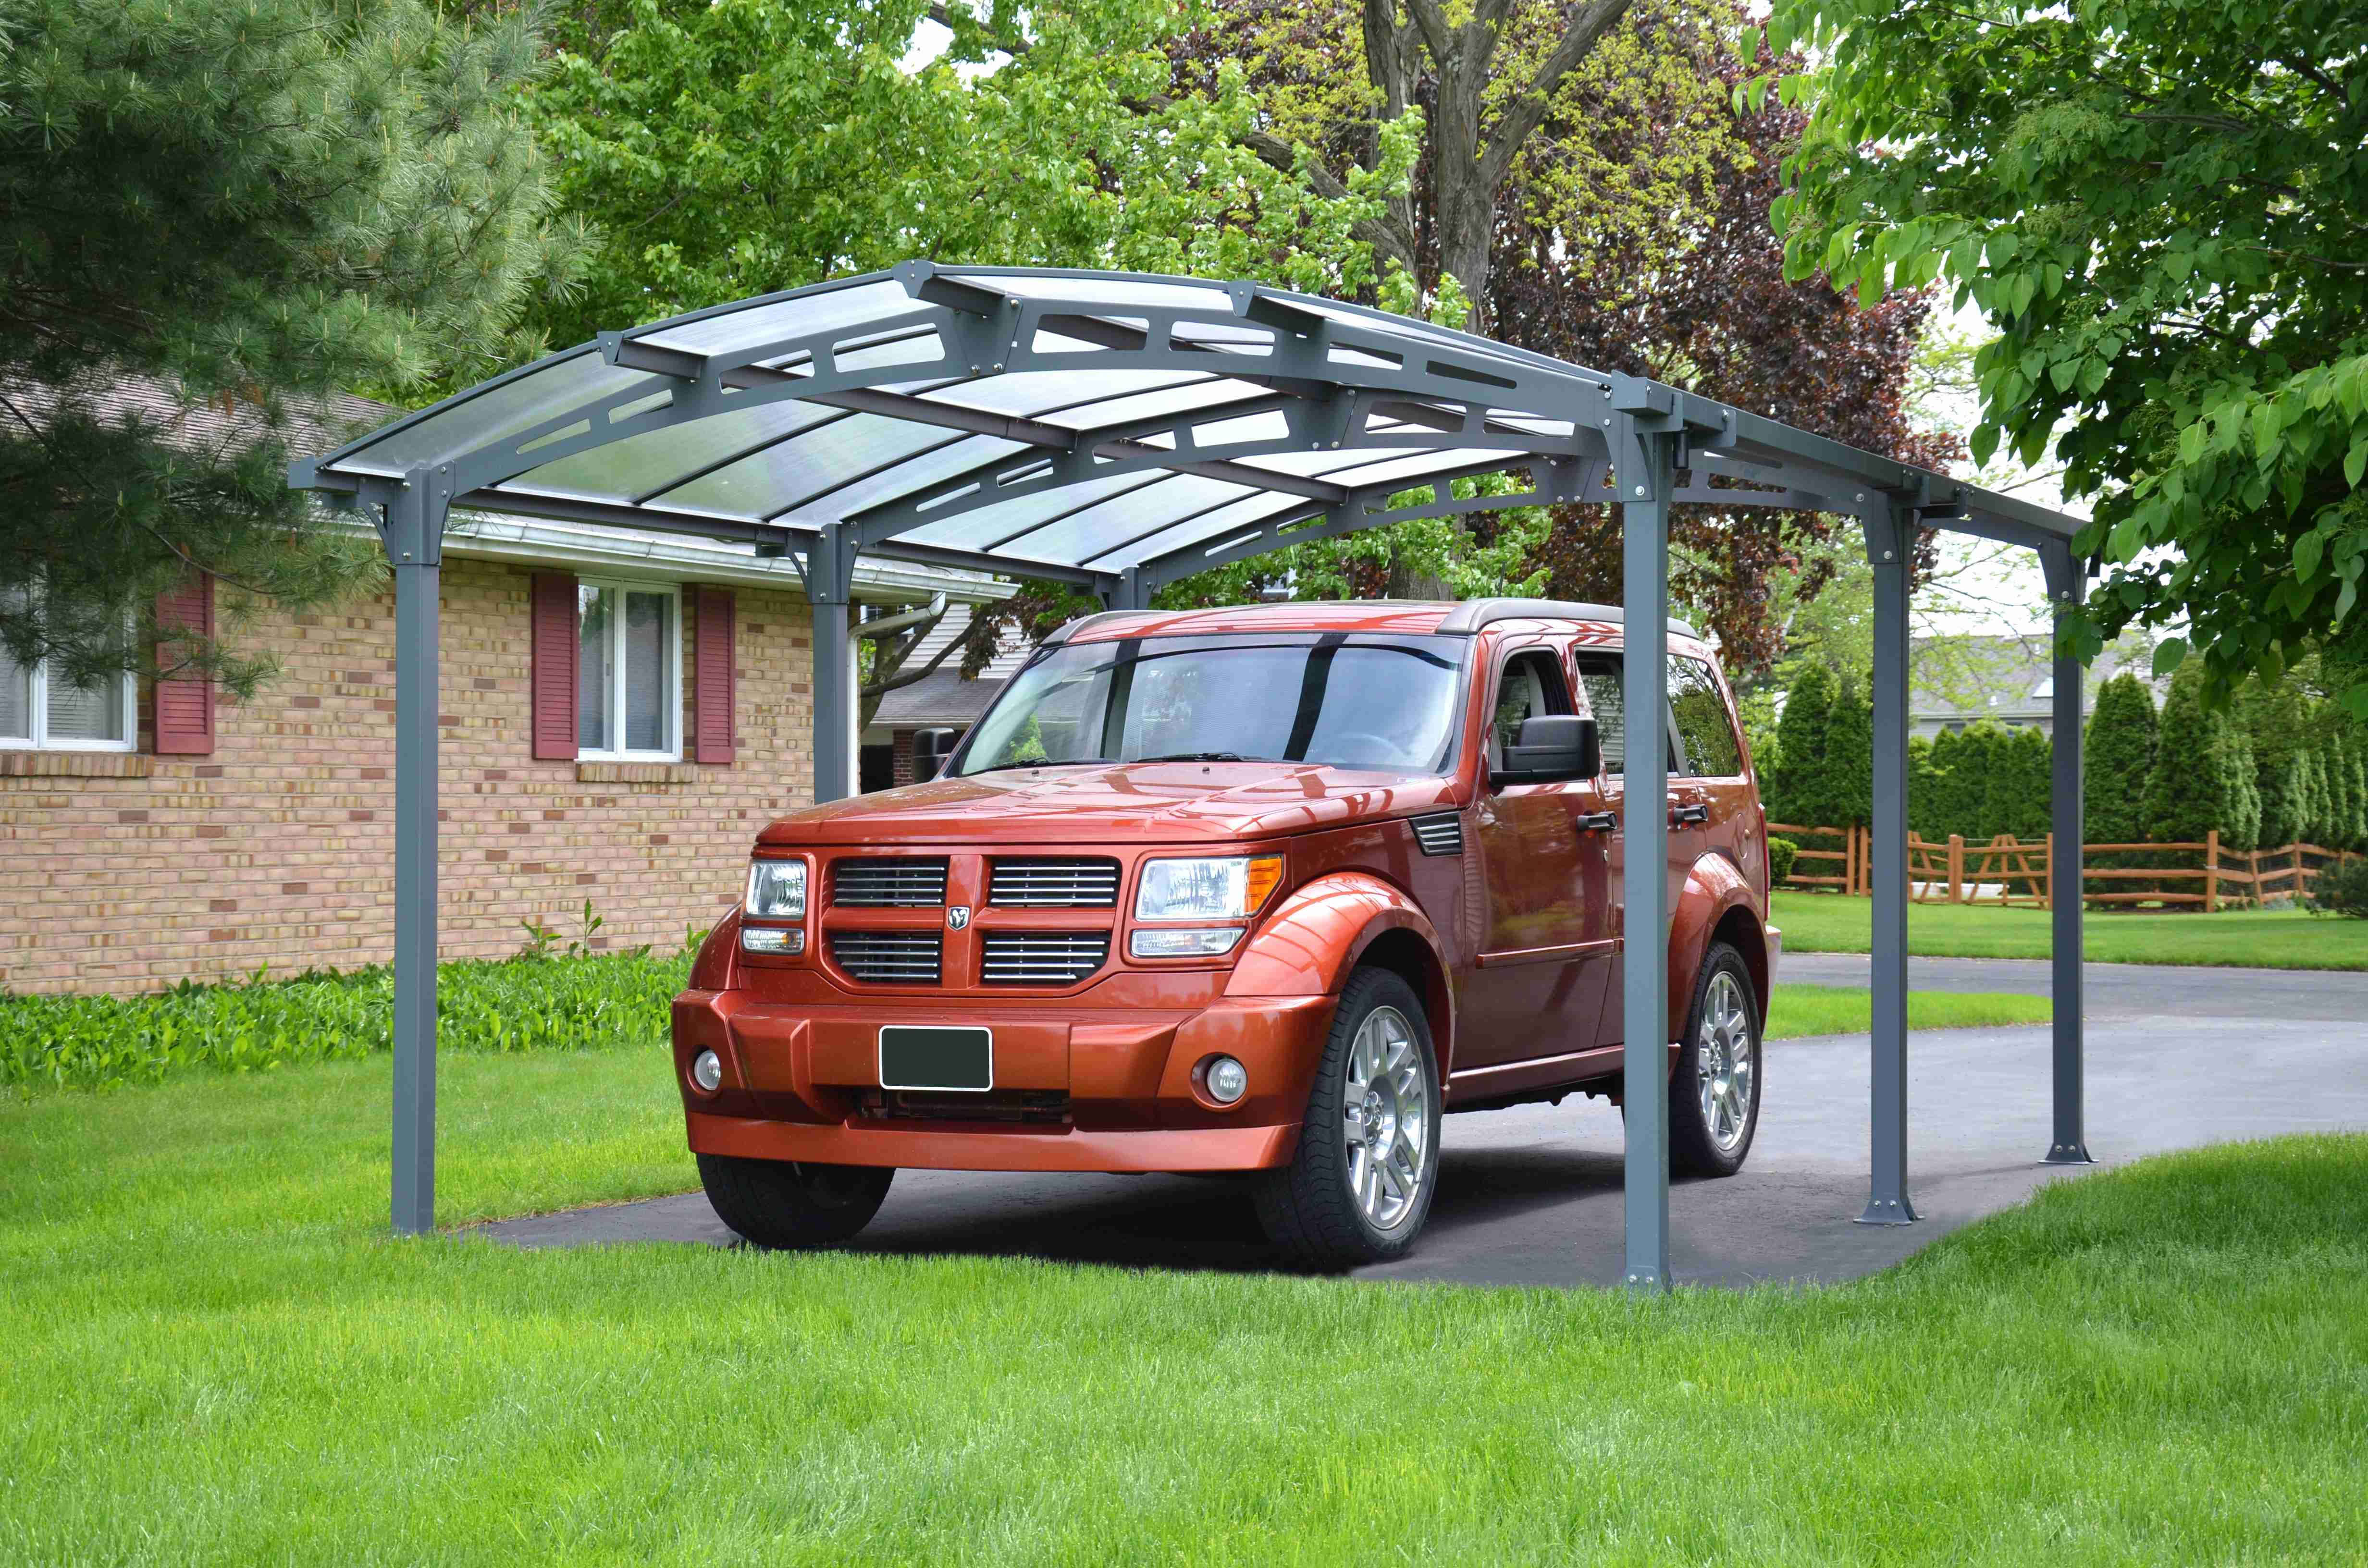 Hliníkový (montovaný) přístřešek s obloukovou střechou Palram Arcadia 5000